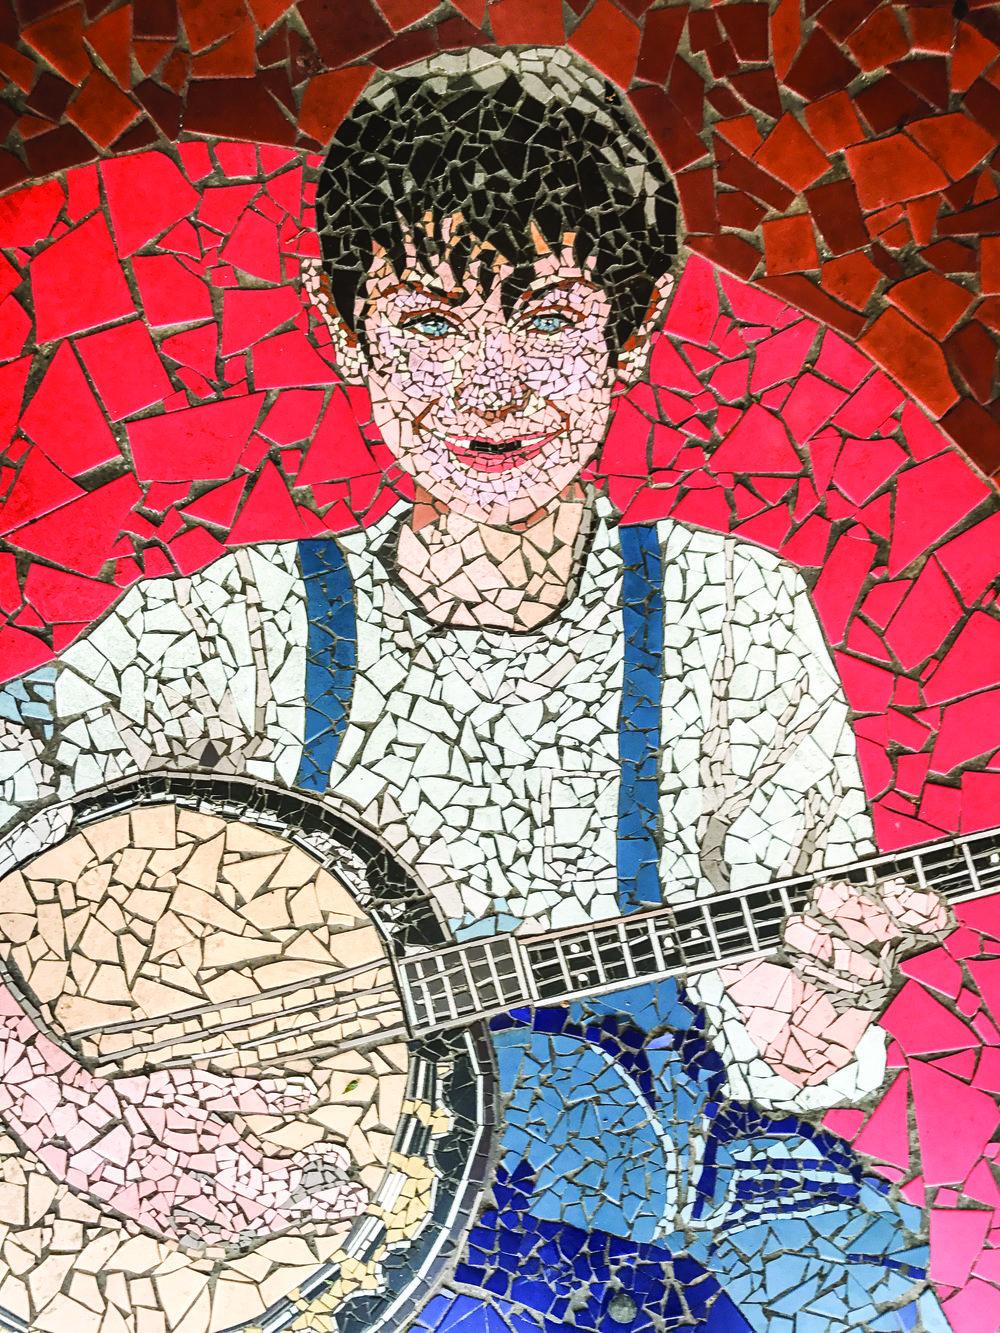 Mosaic outside Roanoke City Market